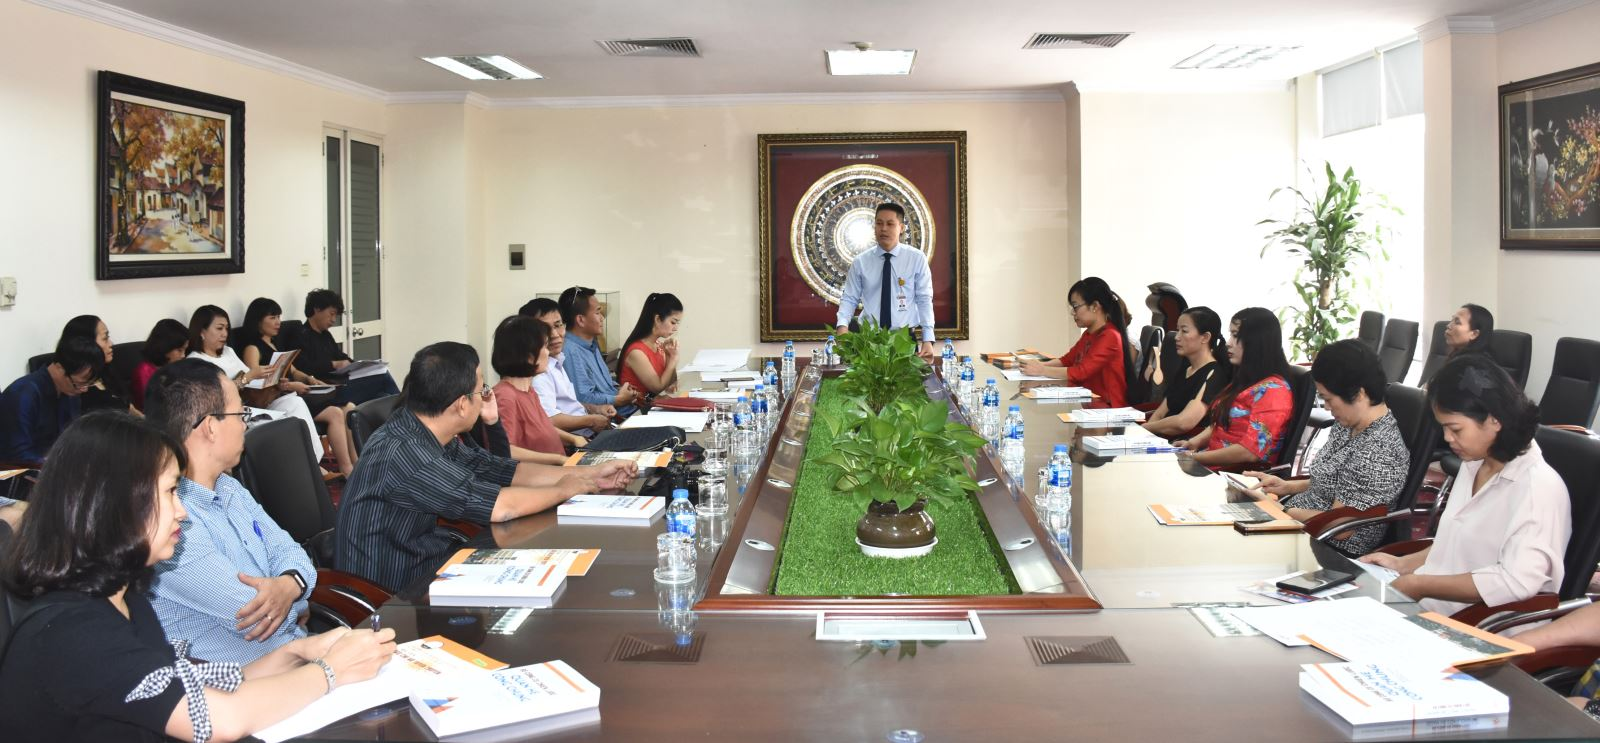 TS. Vũ Thanh Vân, Giám đốc chương trình gặp mặt, trao đổi với các phụ huynh vào đầu năm học mới